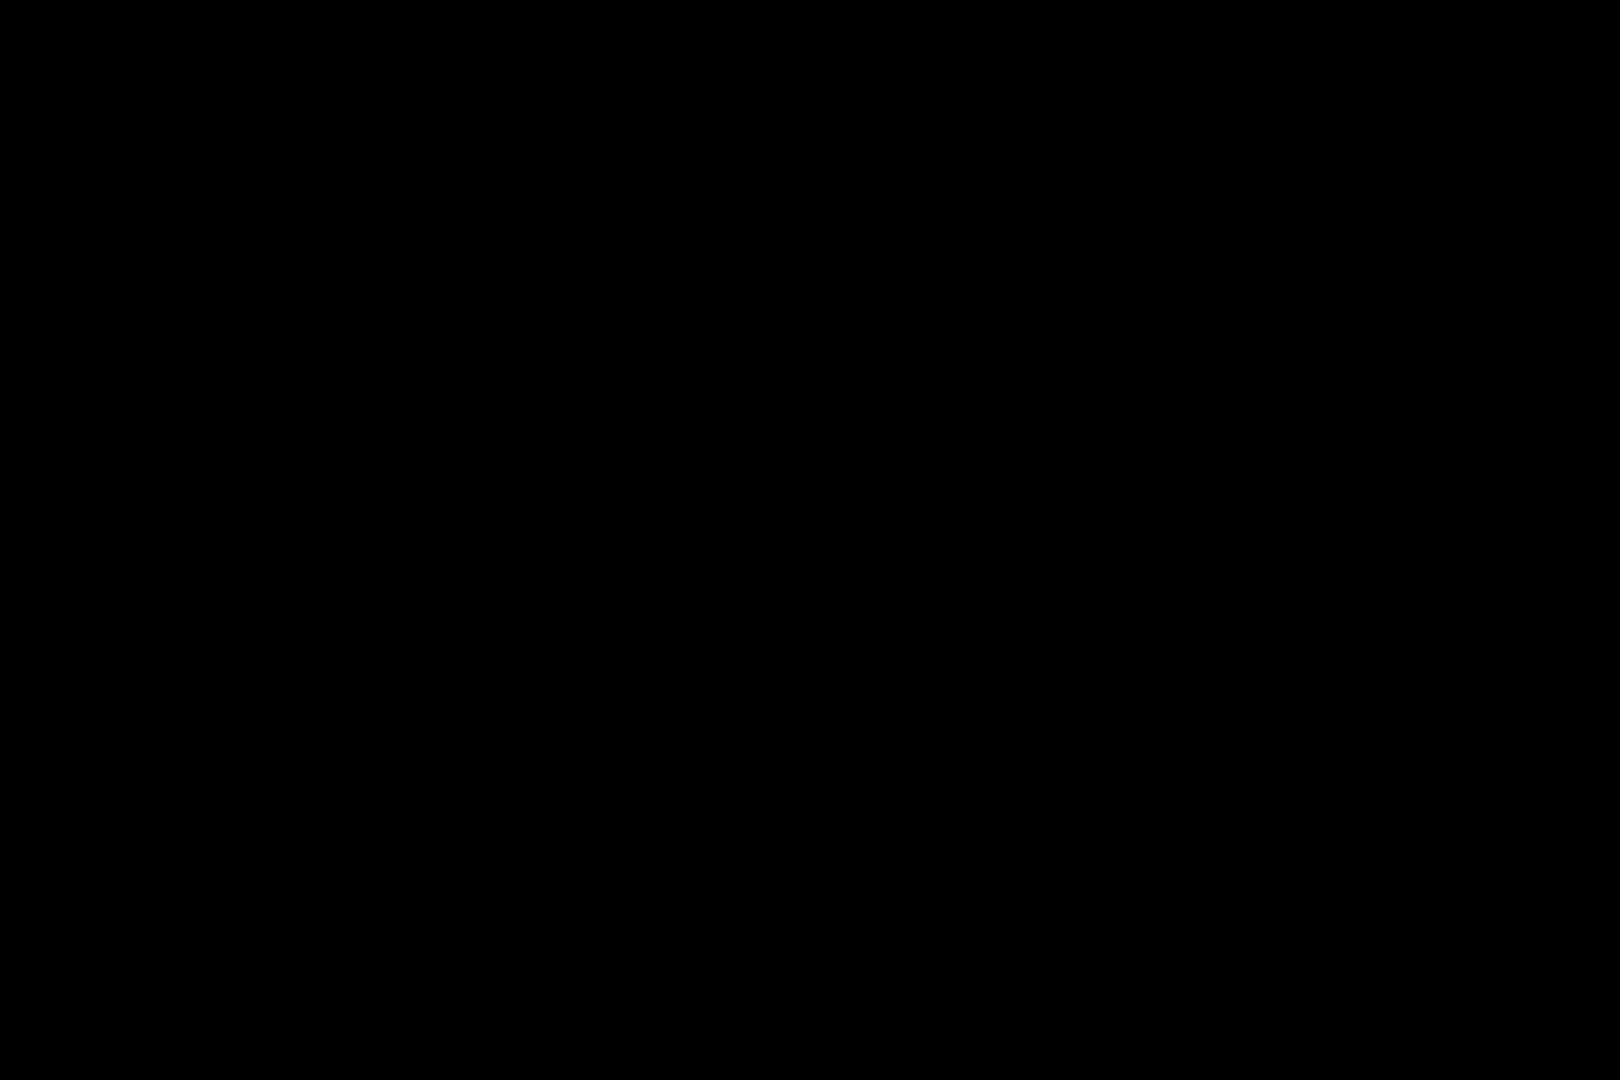 充血監督の深夜の運動会Vol.126 接写 盗撮セックス無修正動画無料 92pic 23